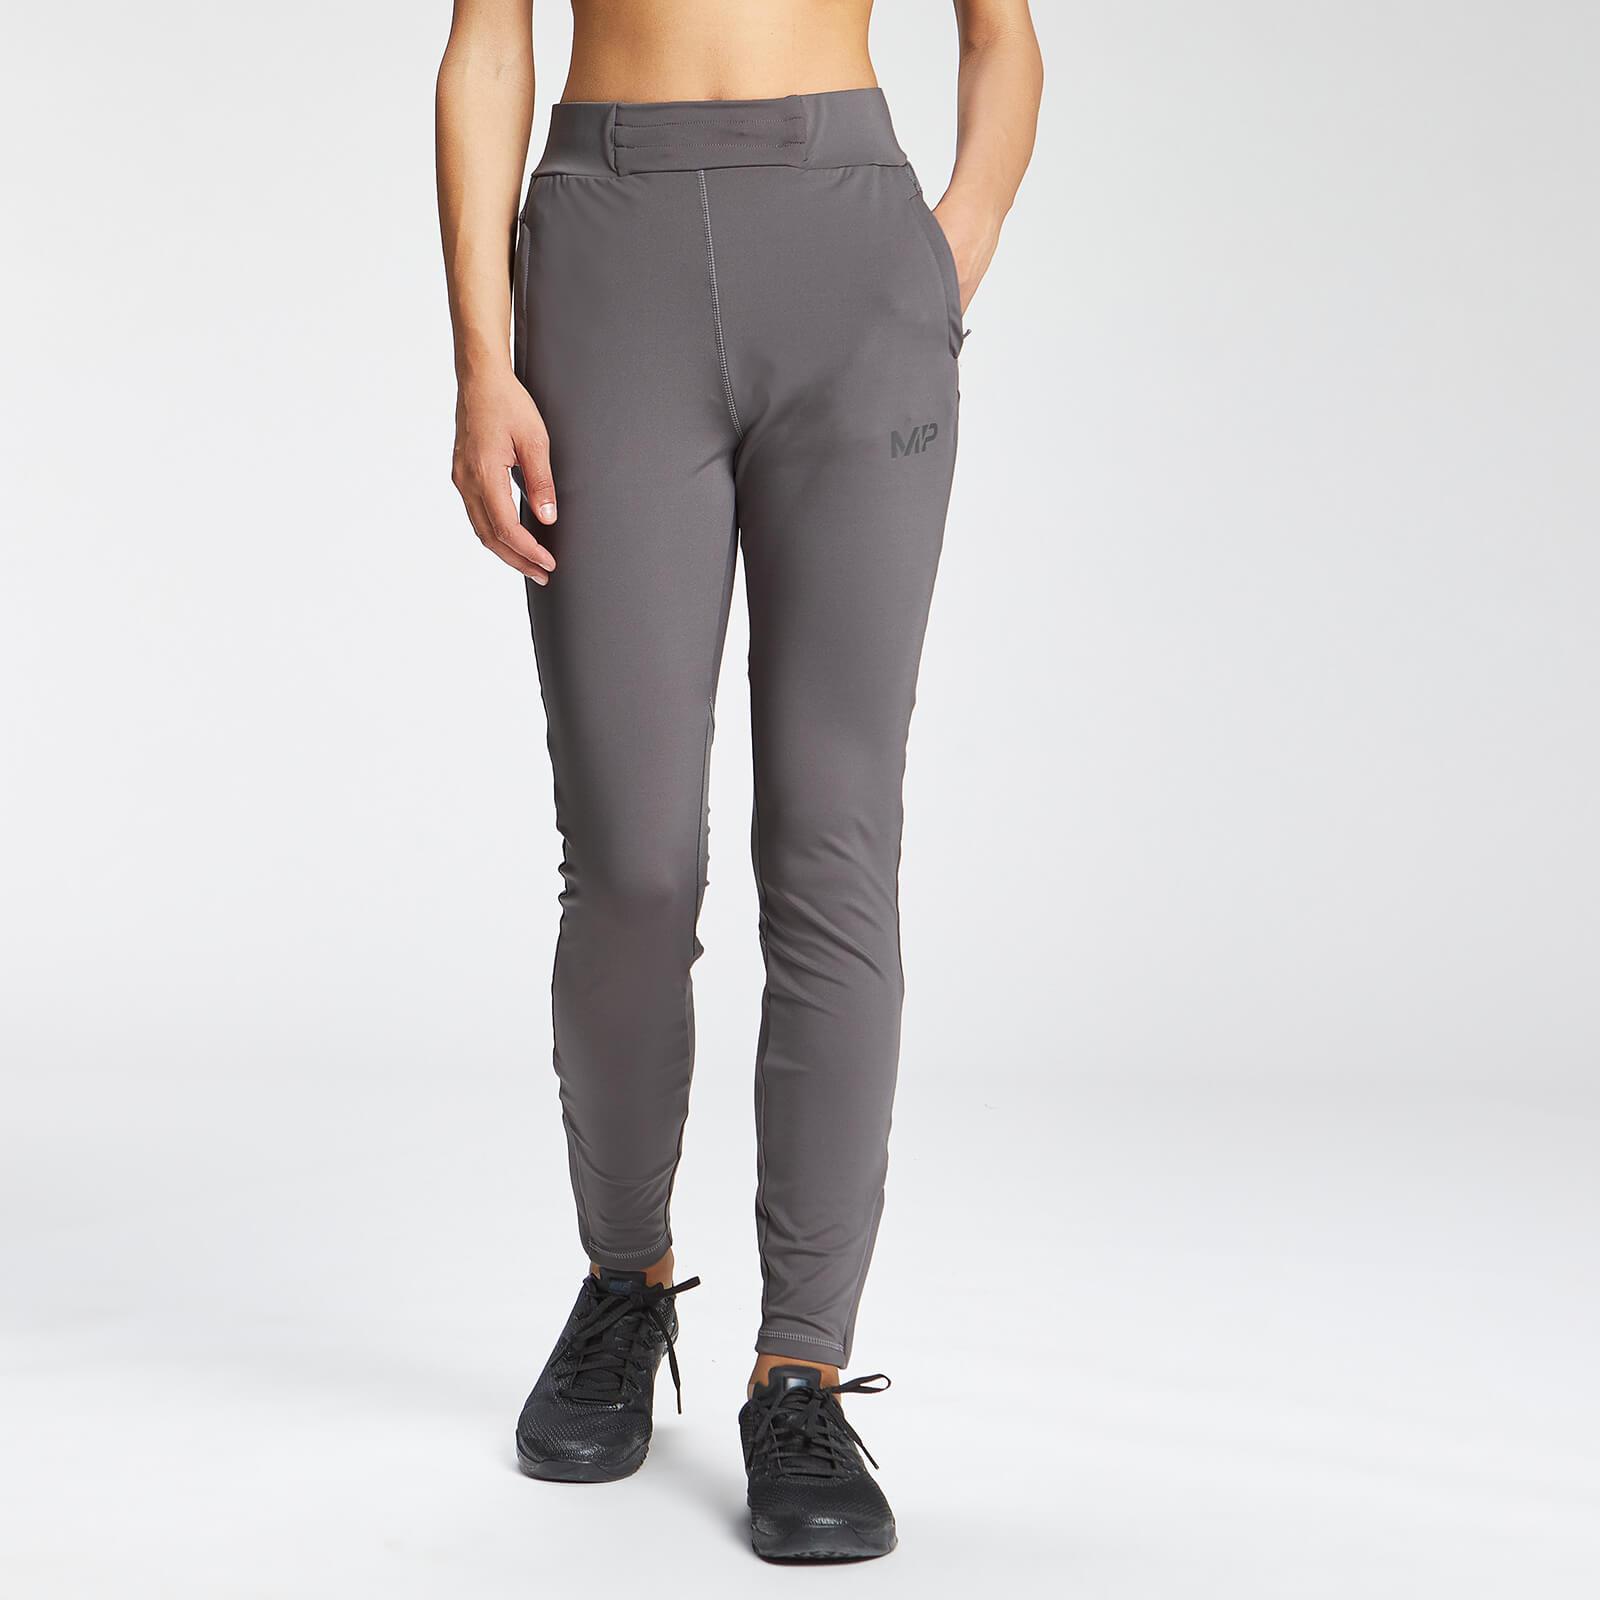 Mp Pantaloni da jogging sportivi Teo da donna - Antracite - XL